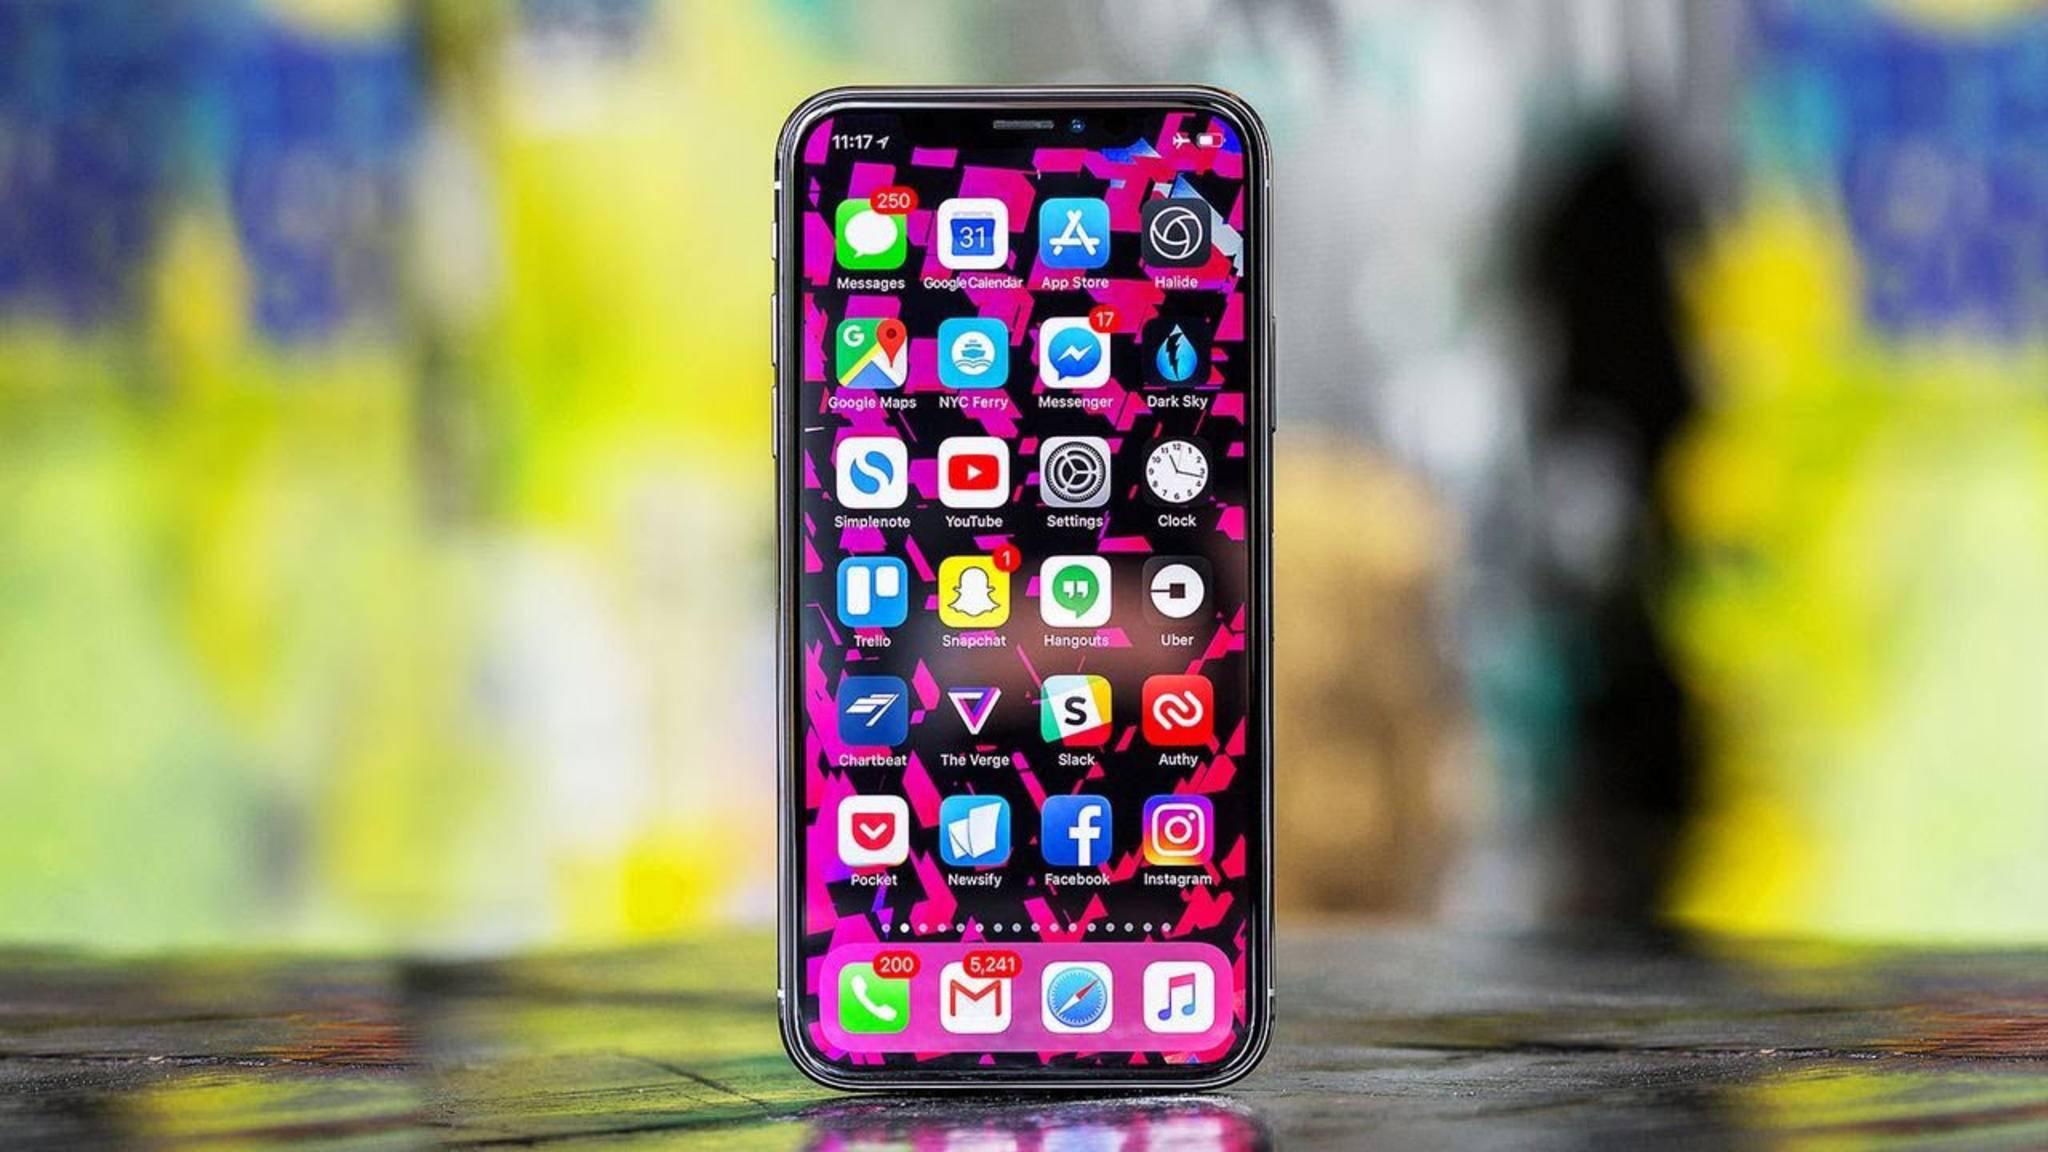 Allein das OLED-Display des iPhone X soll 65,50 US-Dollar kosten.